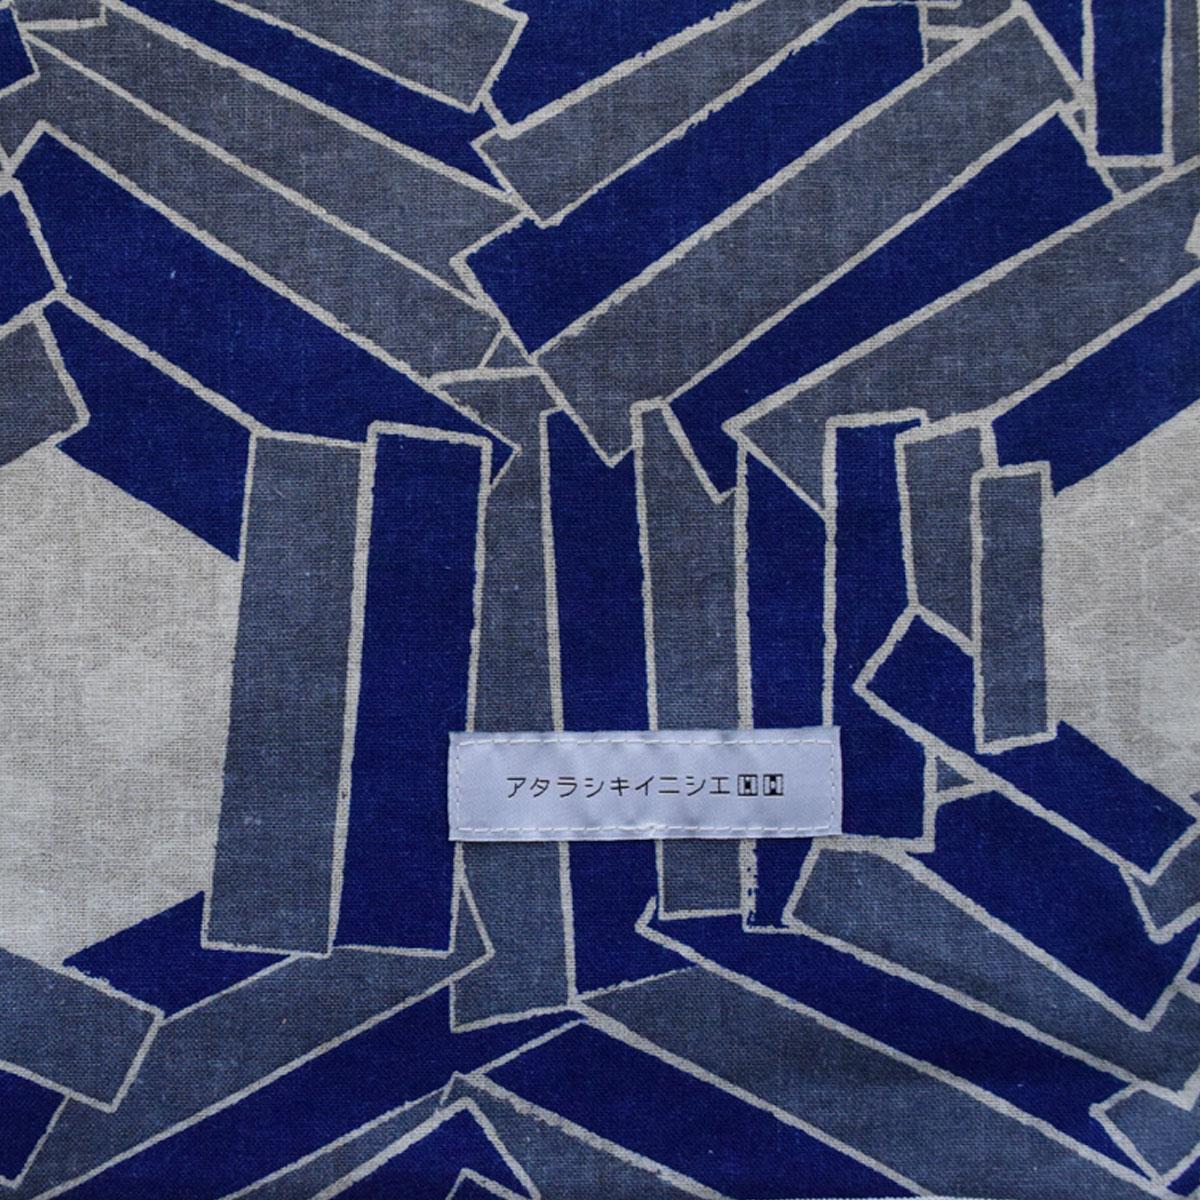 ふろしき 三巾 アタラシキイニシエ kikkou ライトグリーン ネイビー